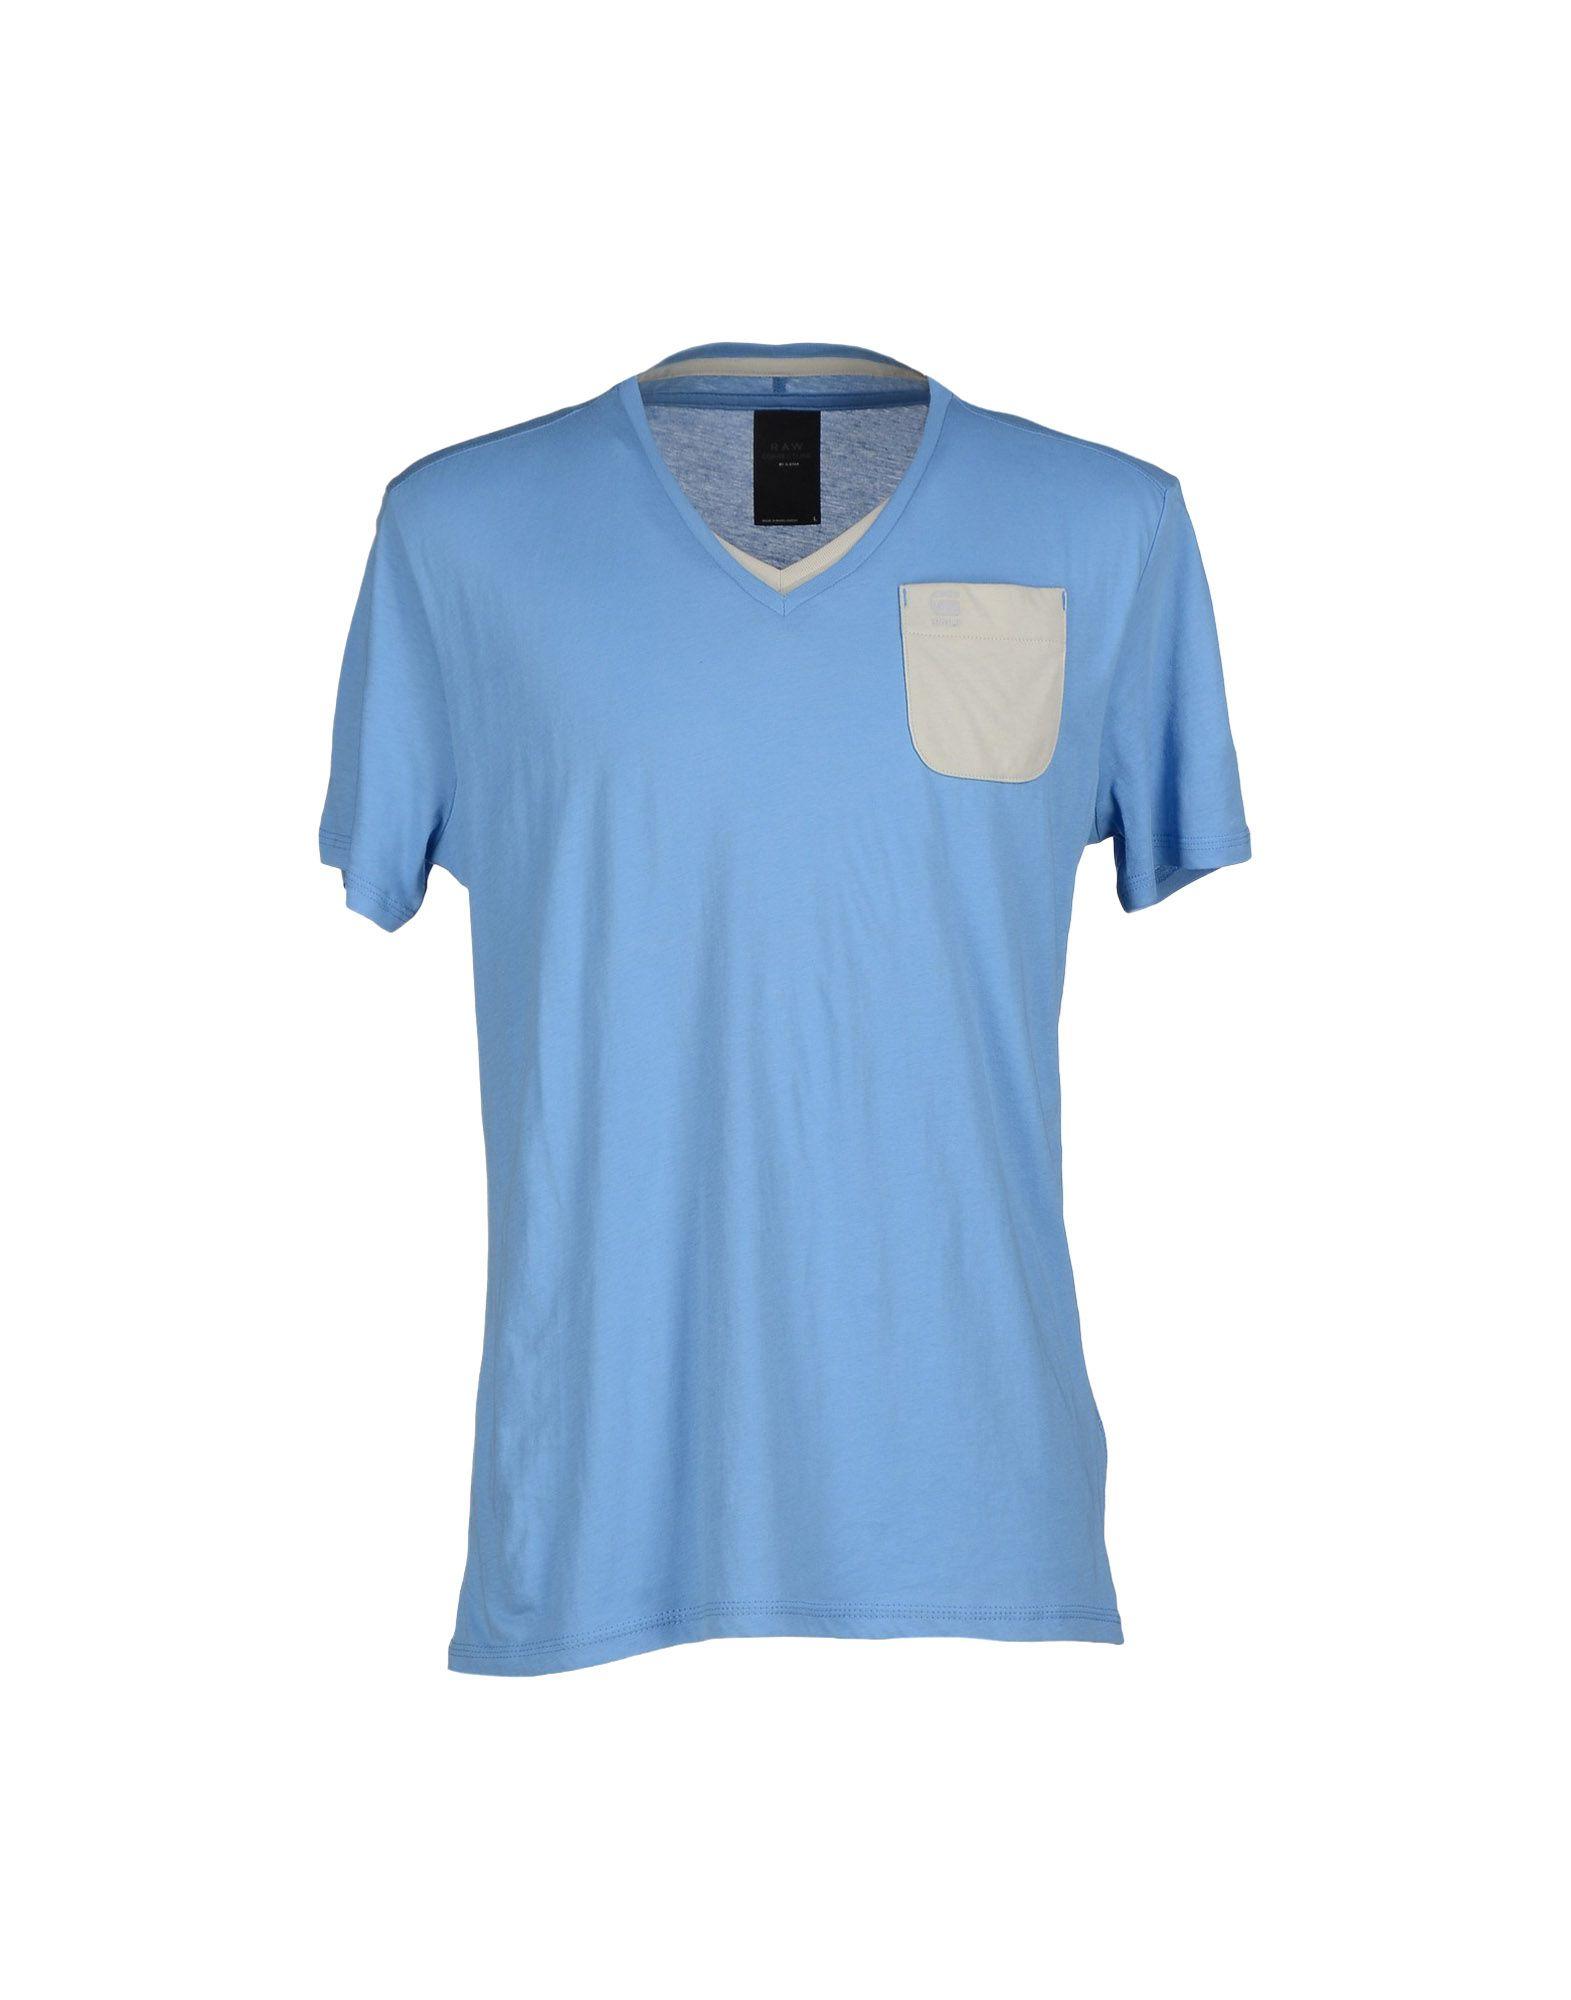 g star raw t shirt in blue for men azure. Black Bedroom Furniture Sets. Home Design Ideas